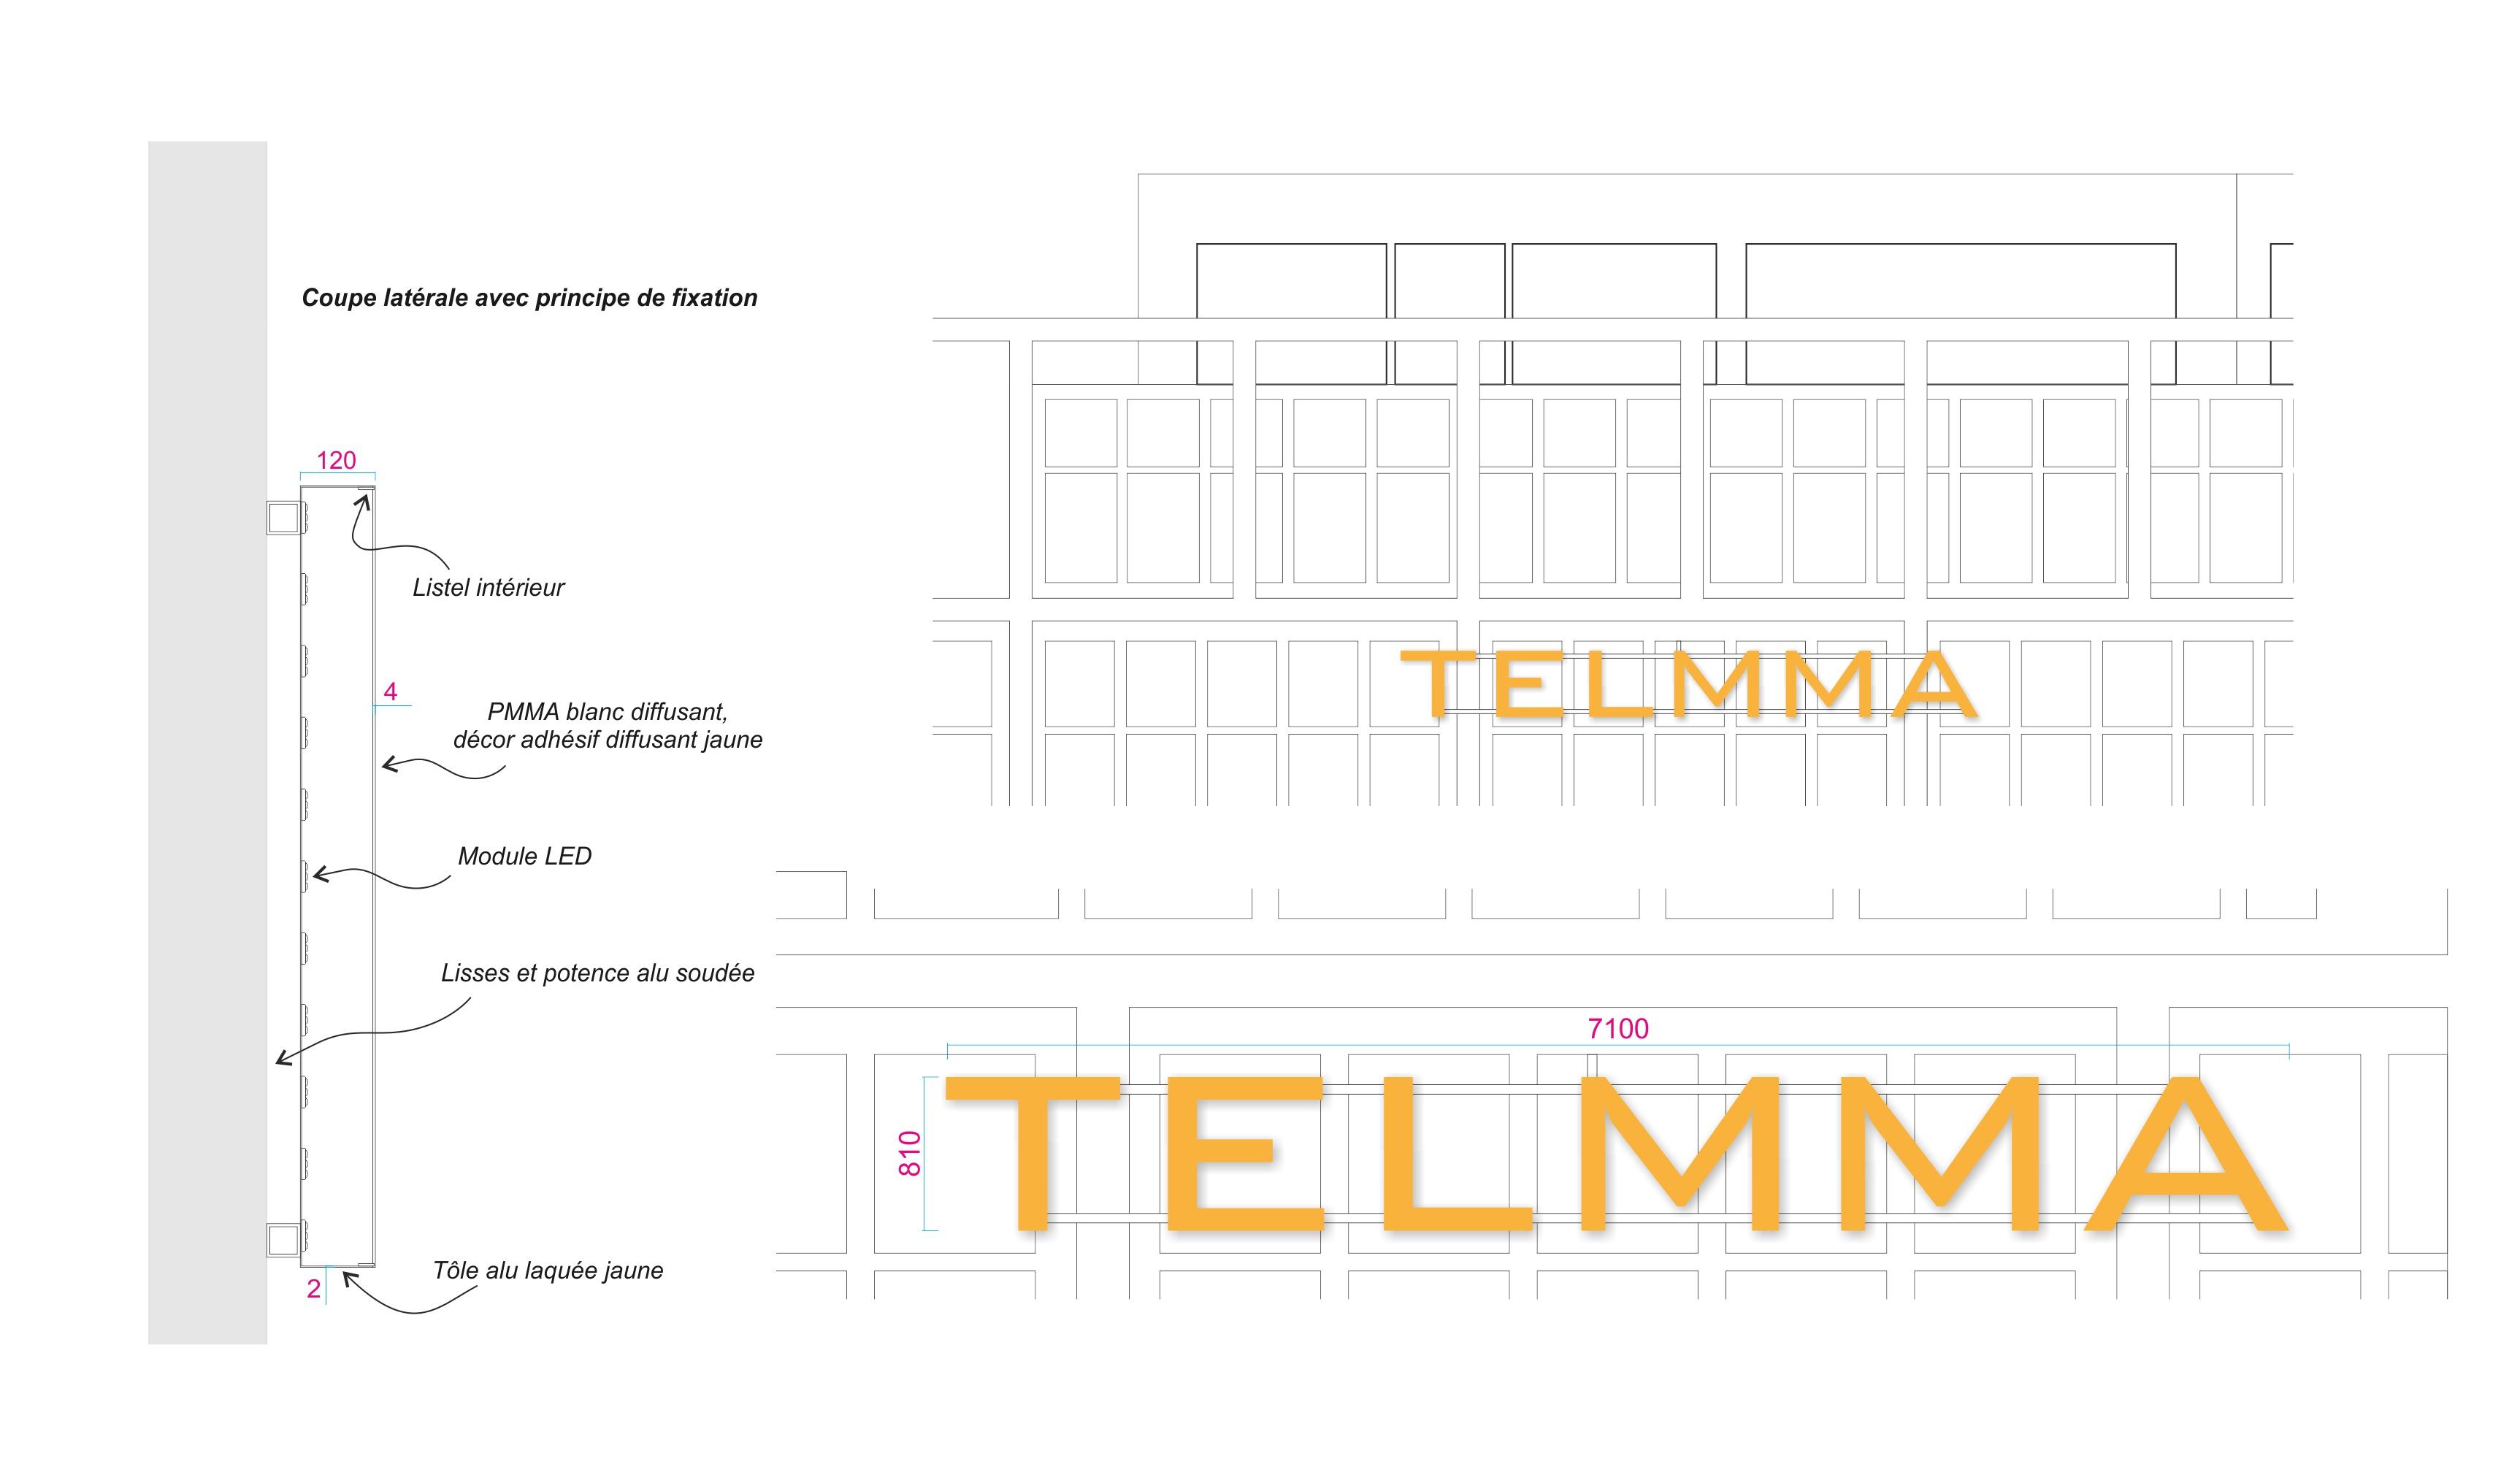 Maquette graphique du projet d'enseigne Telmma.